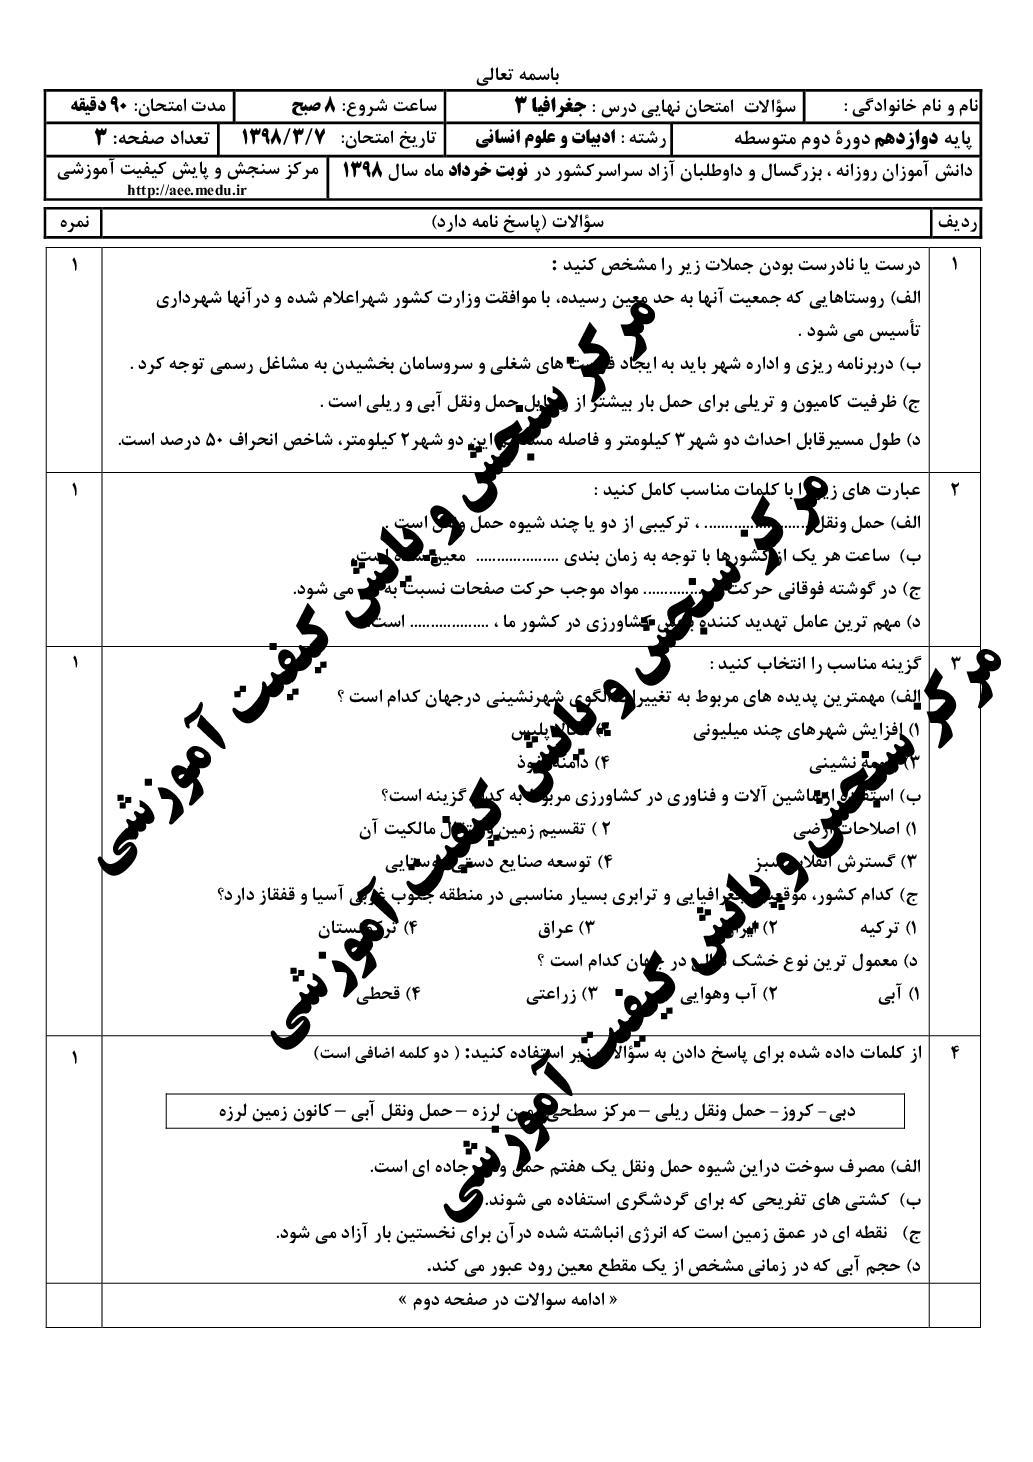 امتحان نهایی جغرافیا 3 - خرداد 98 (PDF)